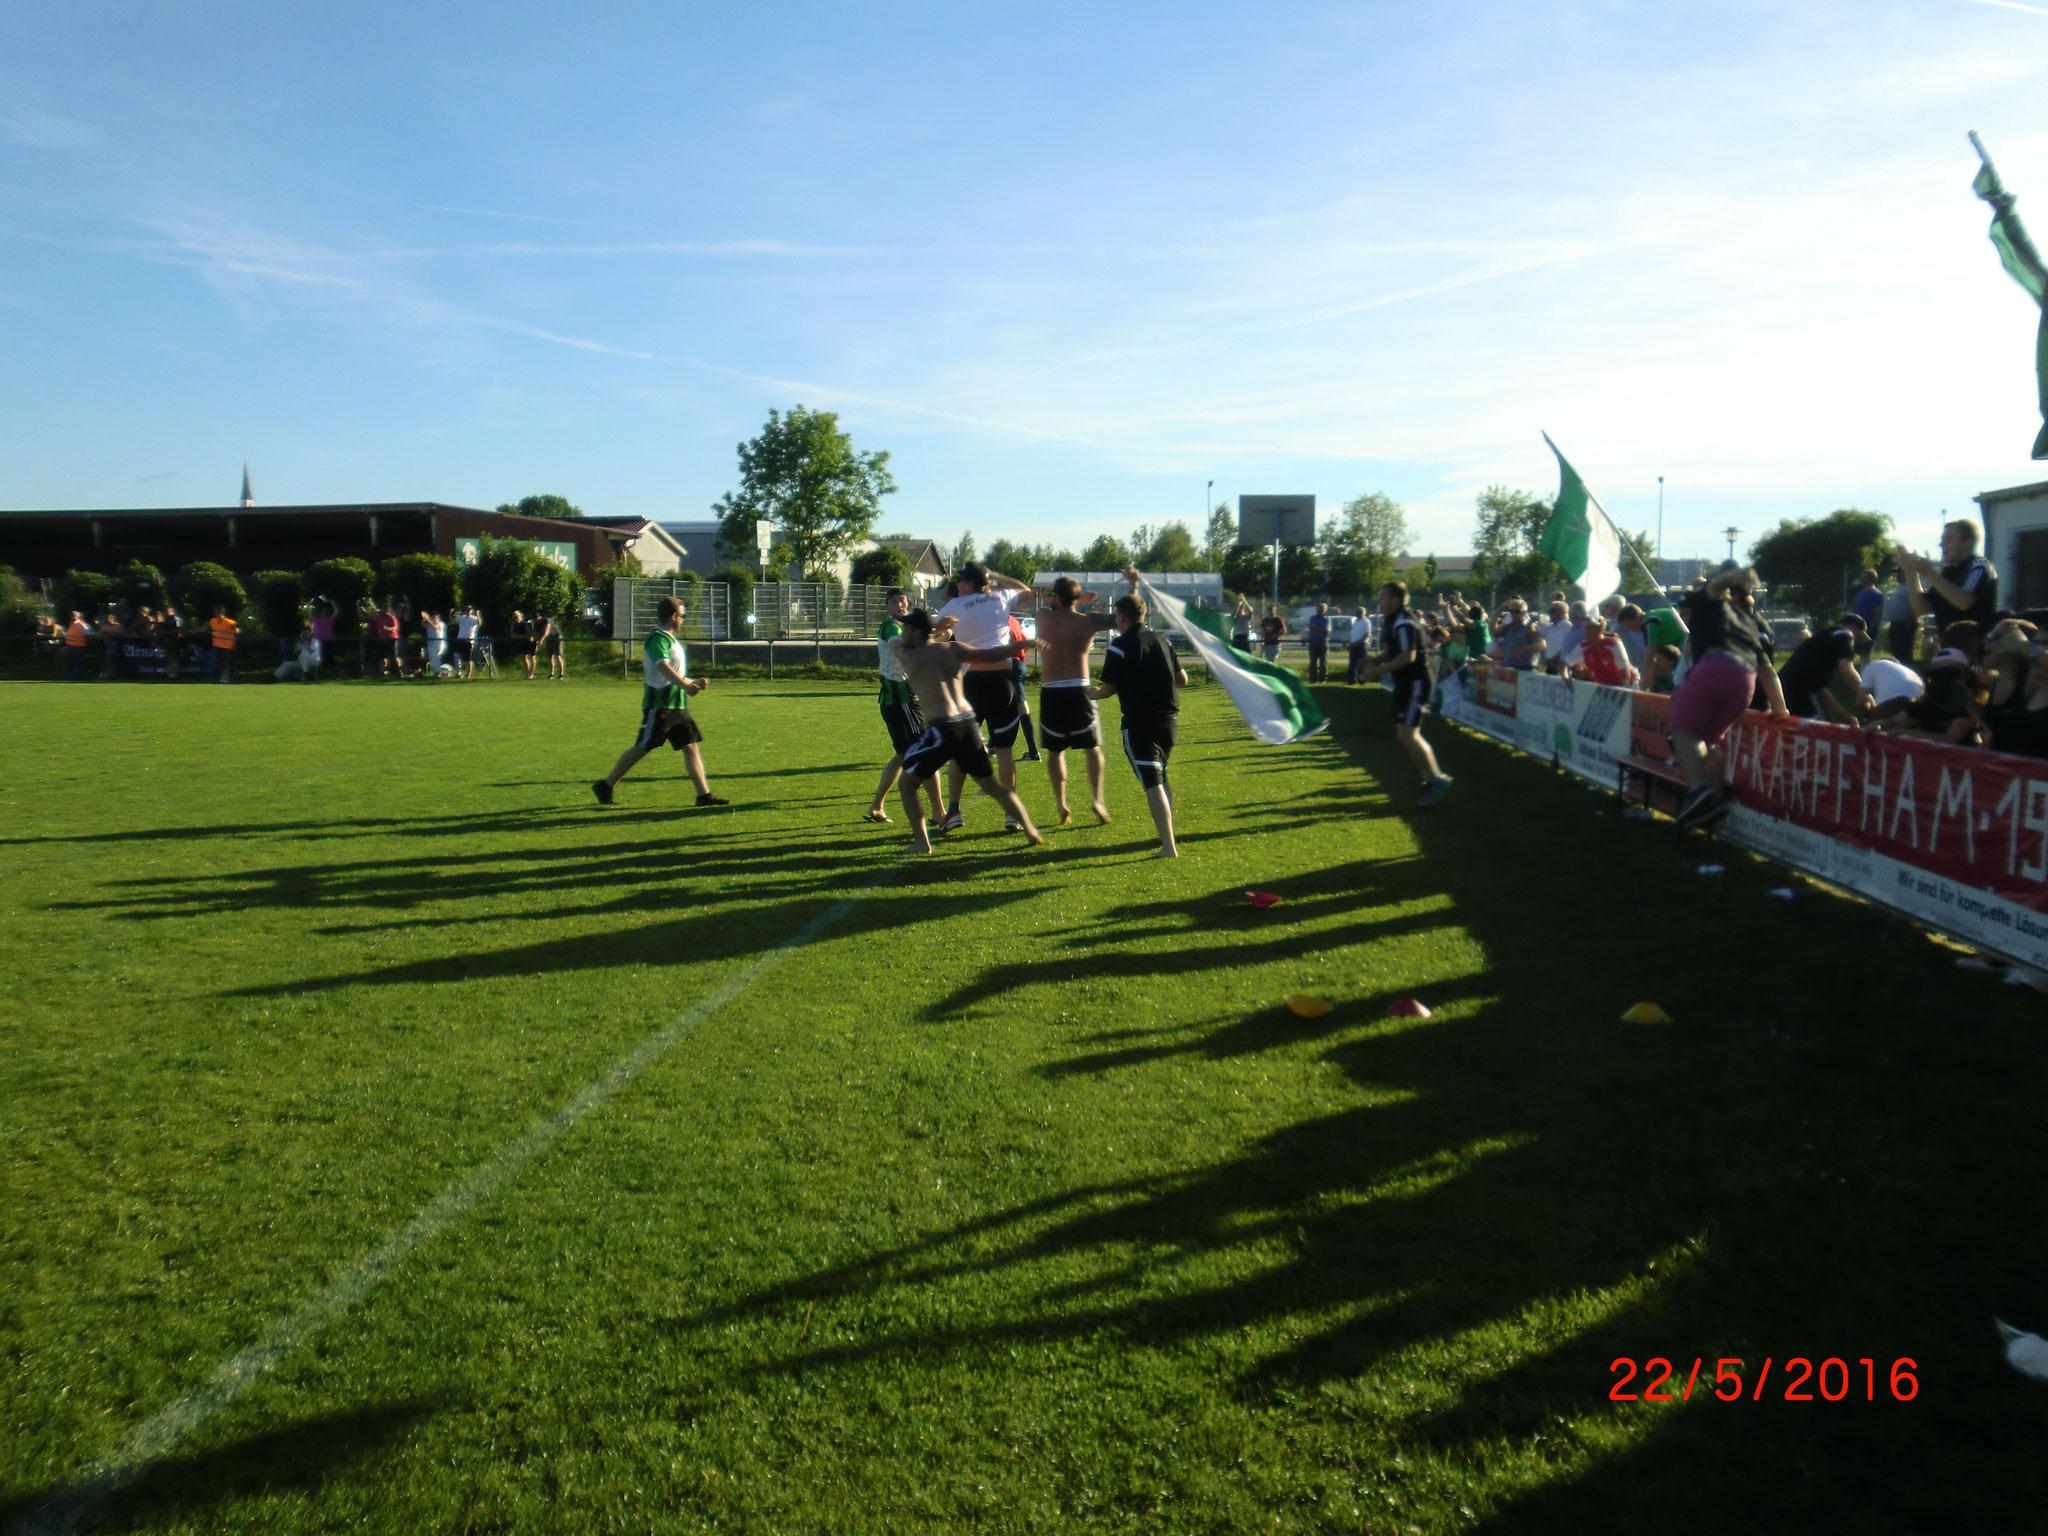 Internetseite Des Turn Sportverein Karpfham Aus Dem